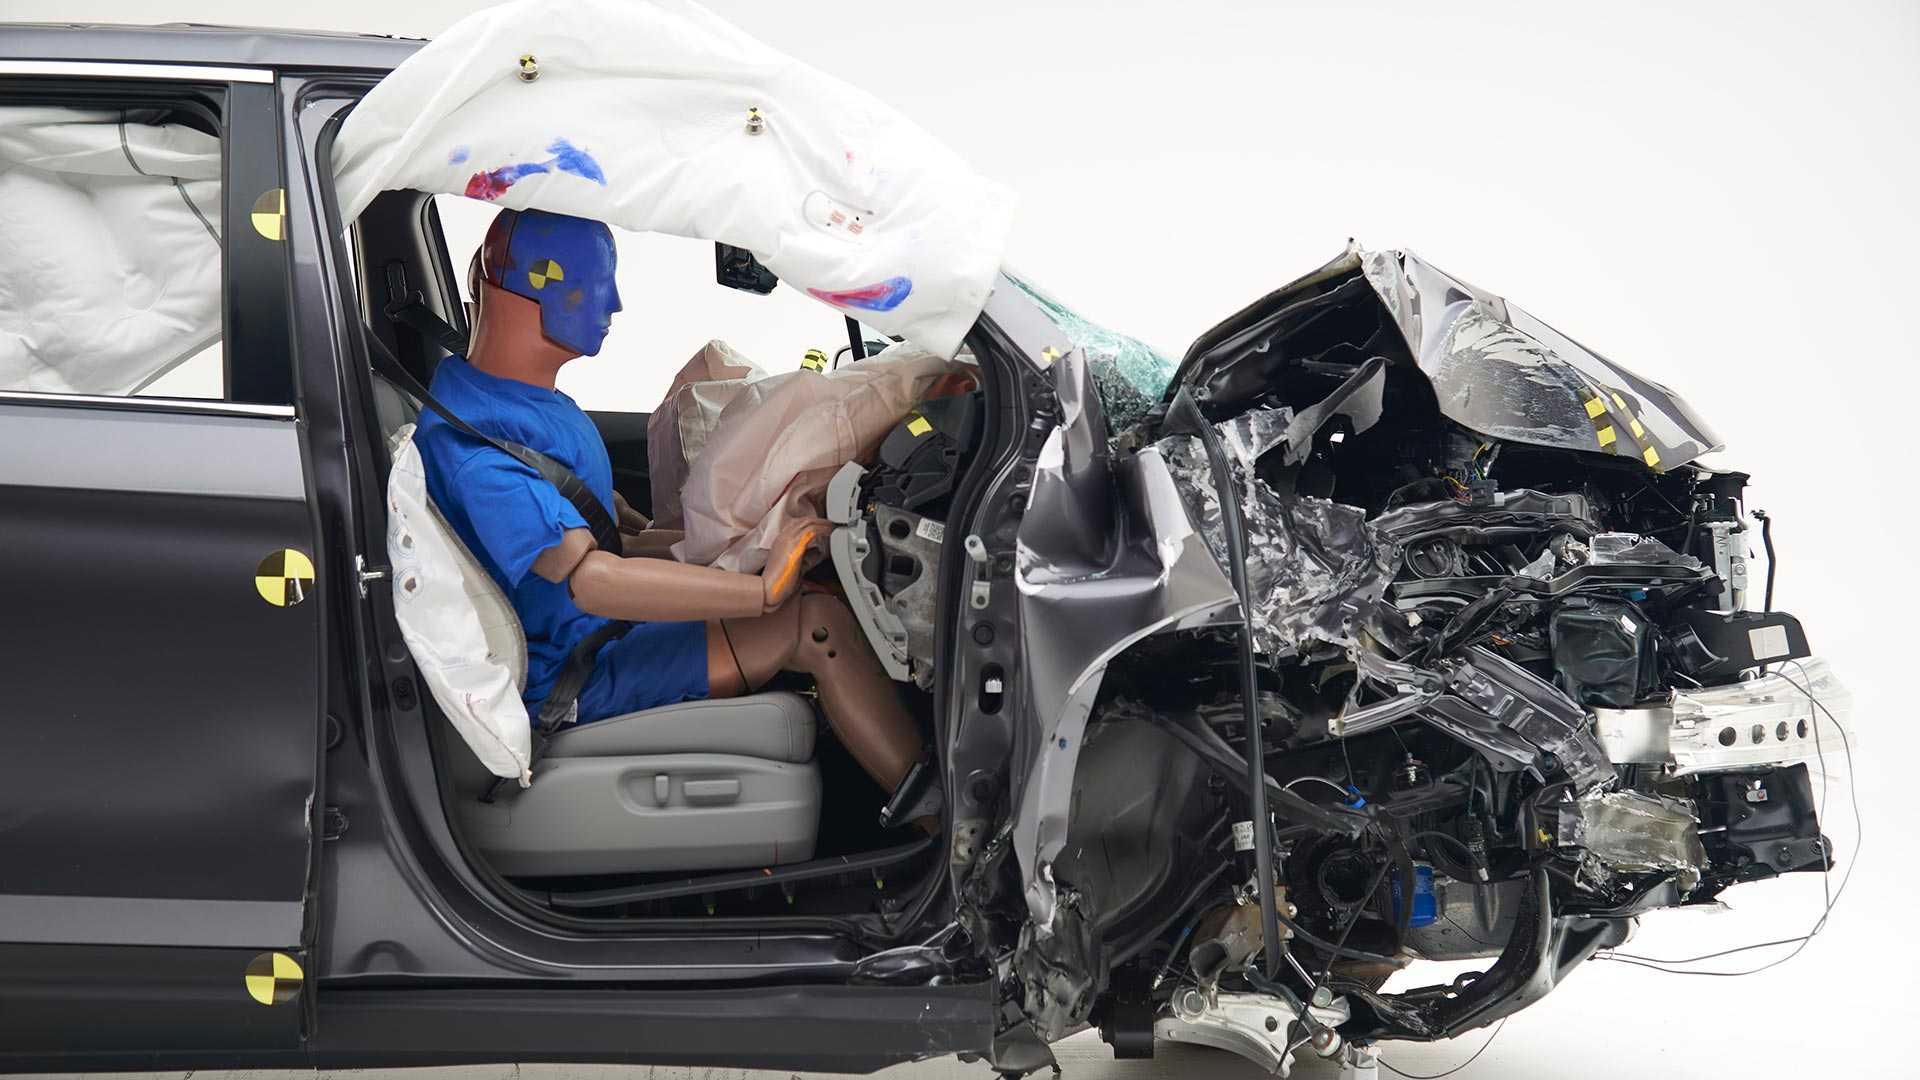 2019-honda-ridgeline-crash-test (2)